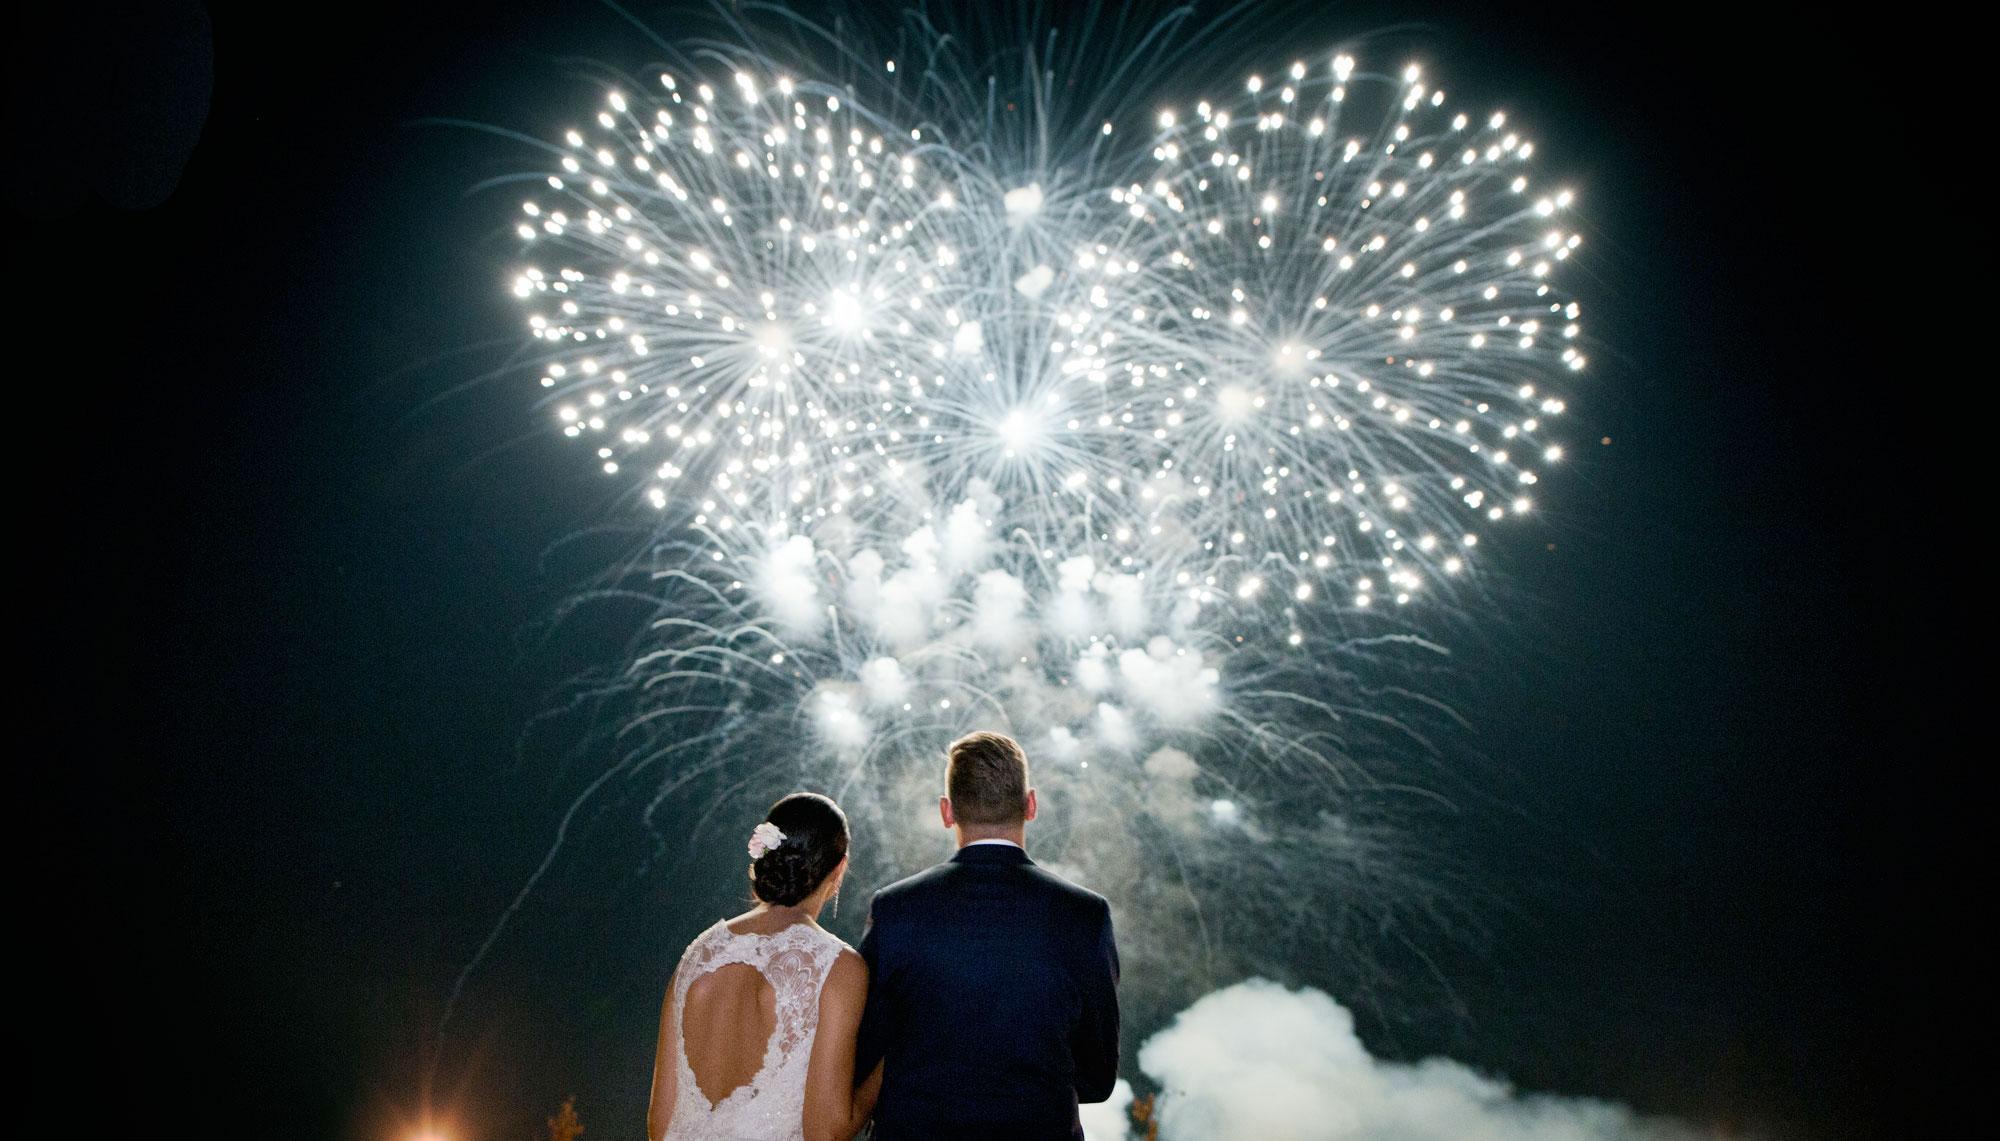 Салют на свадьбу картинка